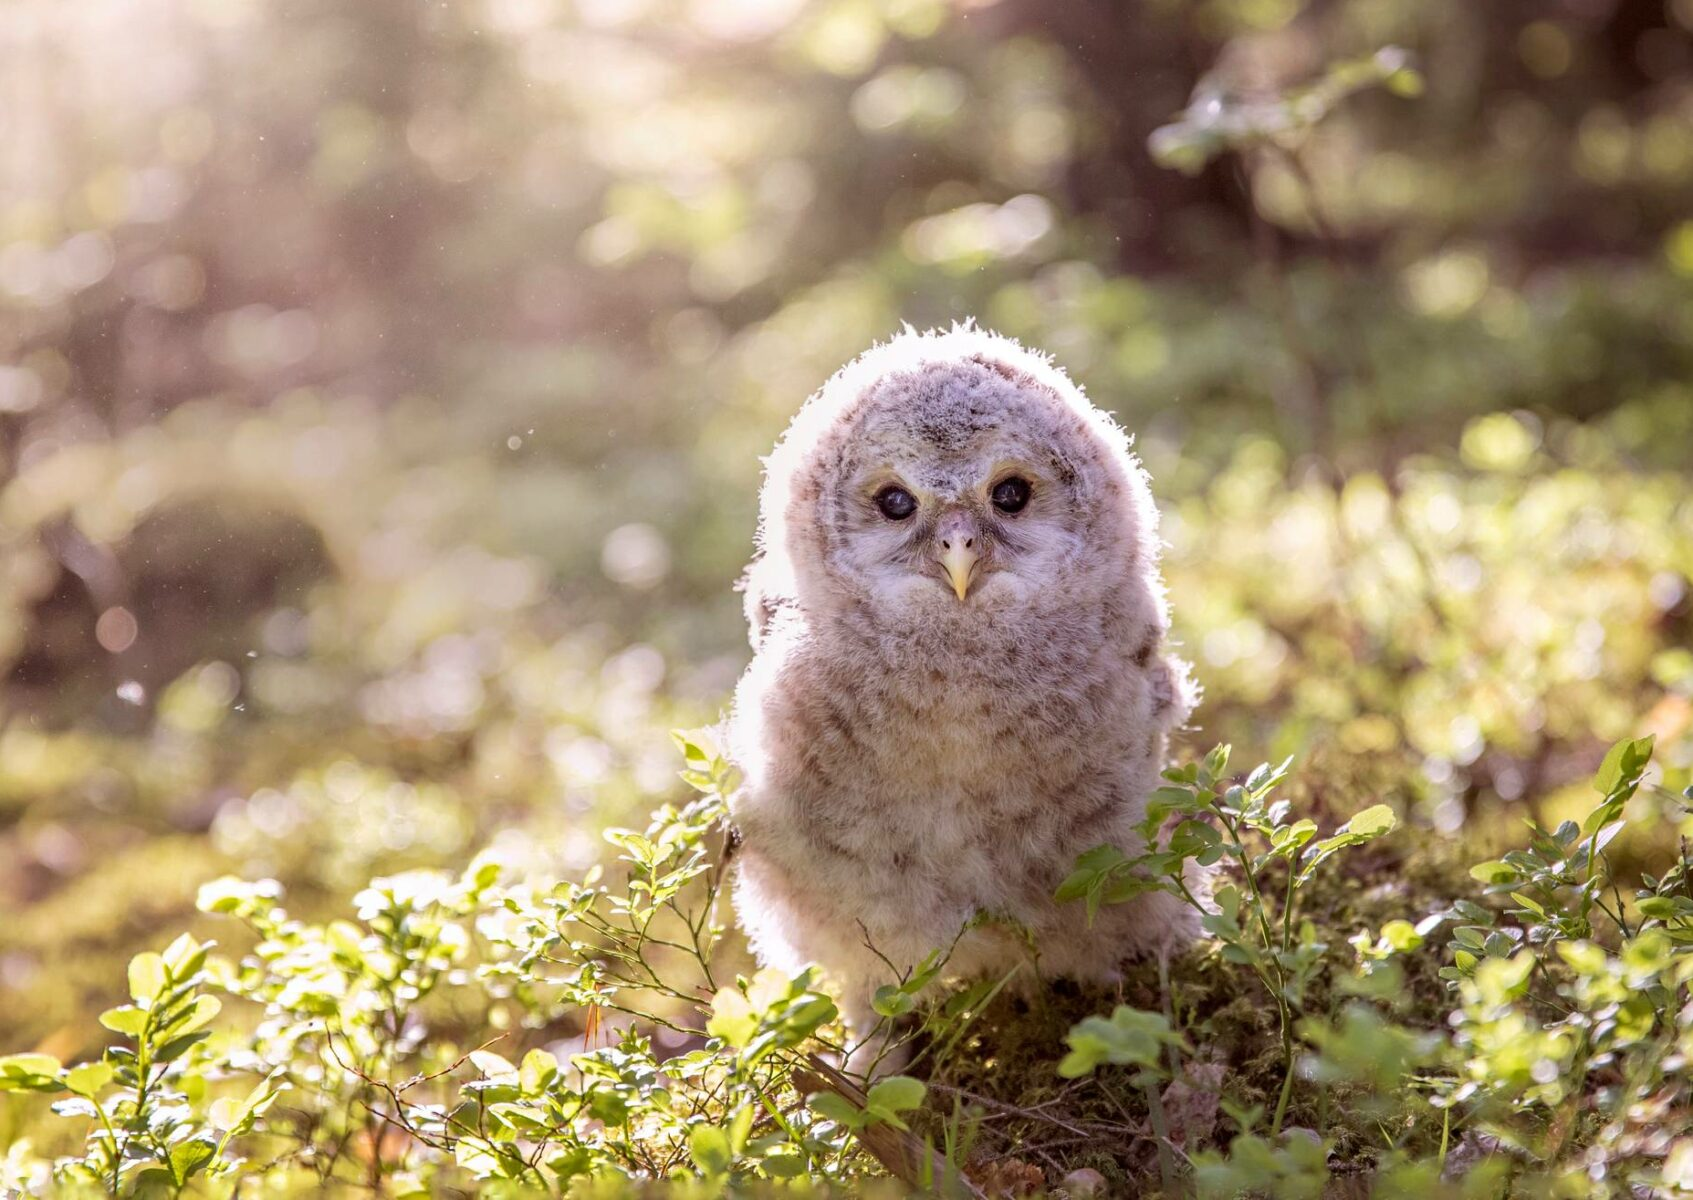 Viirupöllön poikanen on juuri lähtenyt pesästään Laitikkalan kylässä Pälkäneellä. Se ei osaa vielä lentää.